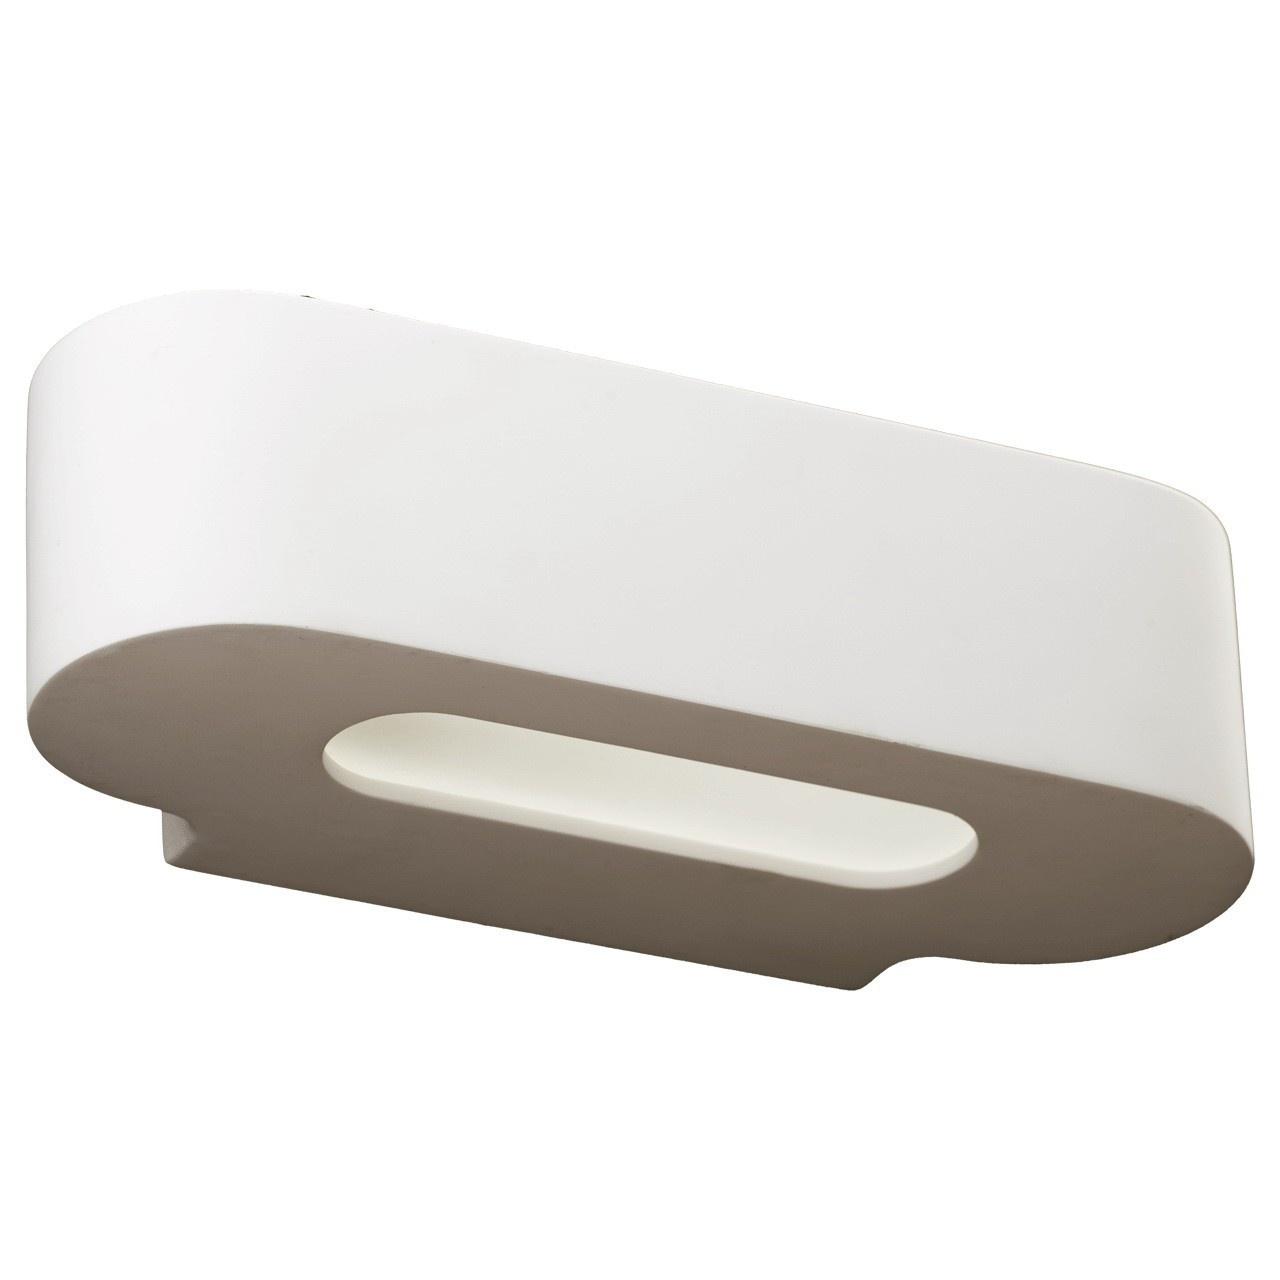 Бра Mw lightНастенные светильники и бра<br>Тип: бра,<br>Назначение светильника: для комнаты,<br>Стиль светильника: модерн,<br>Материал светильника: гипс,<br>Тип лампы: накаливания,<br>Количество ламп: 1,<br>Мощность: 40,<br>Патрон: Е14,<br>Цвет арматуры: белый,<br>Длина (мм): 80,<br>Ширина: 280,<br>Высота: 110,<br>Коллекция: Барут<br>